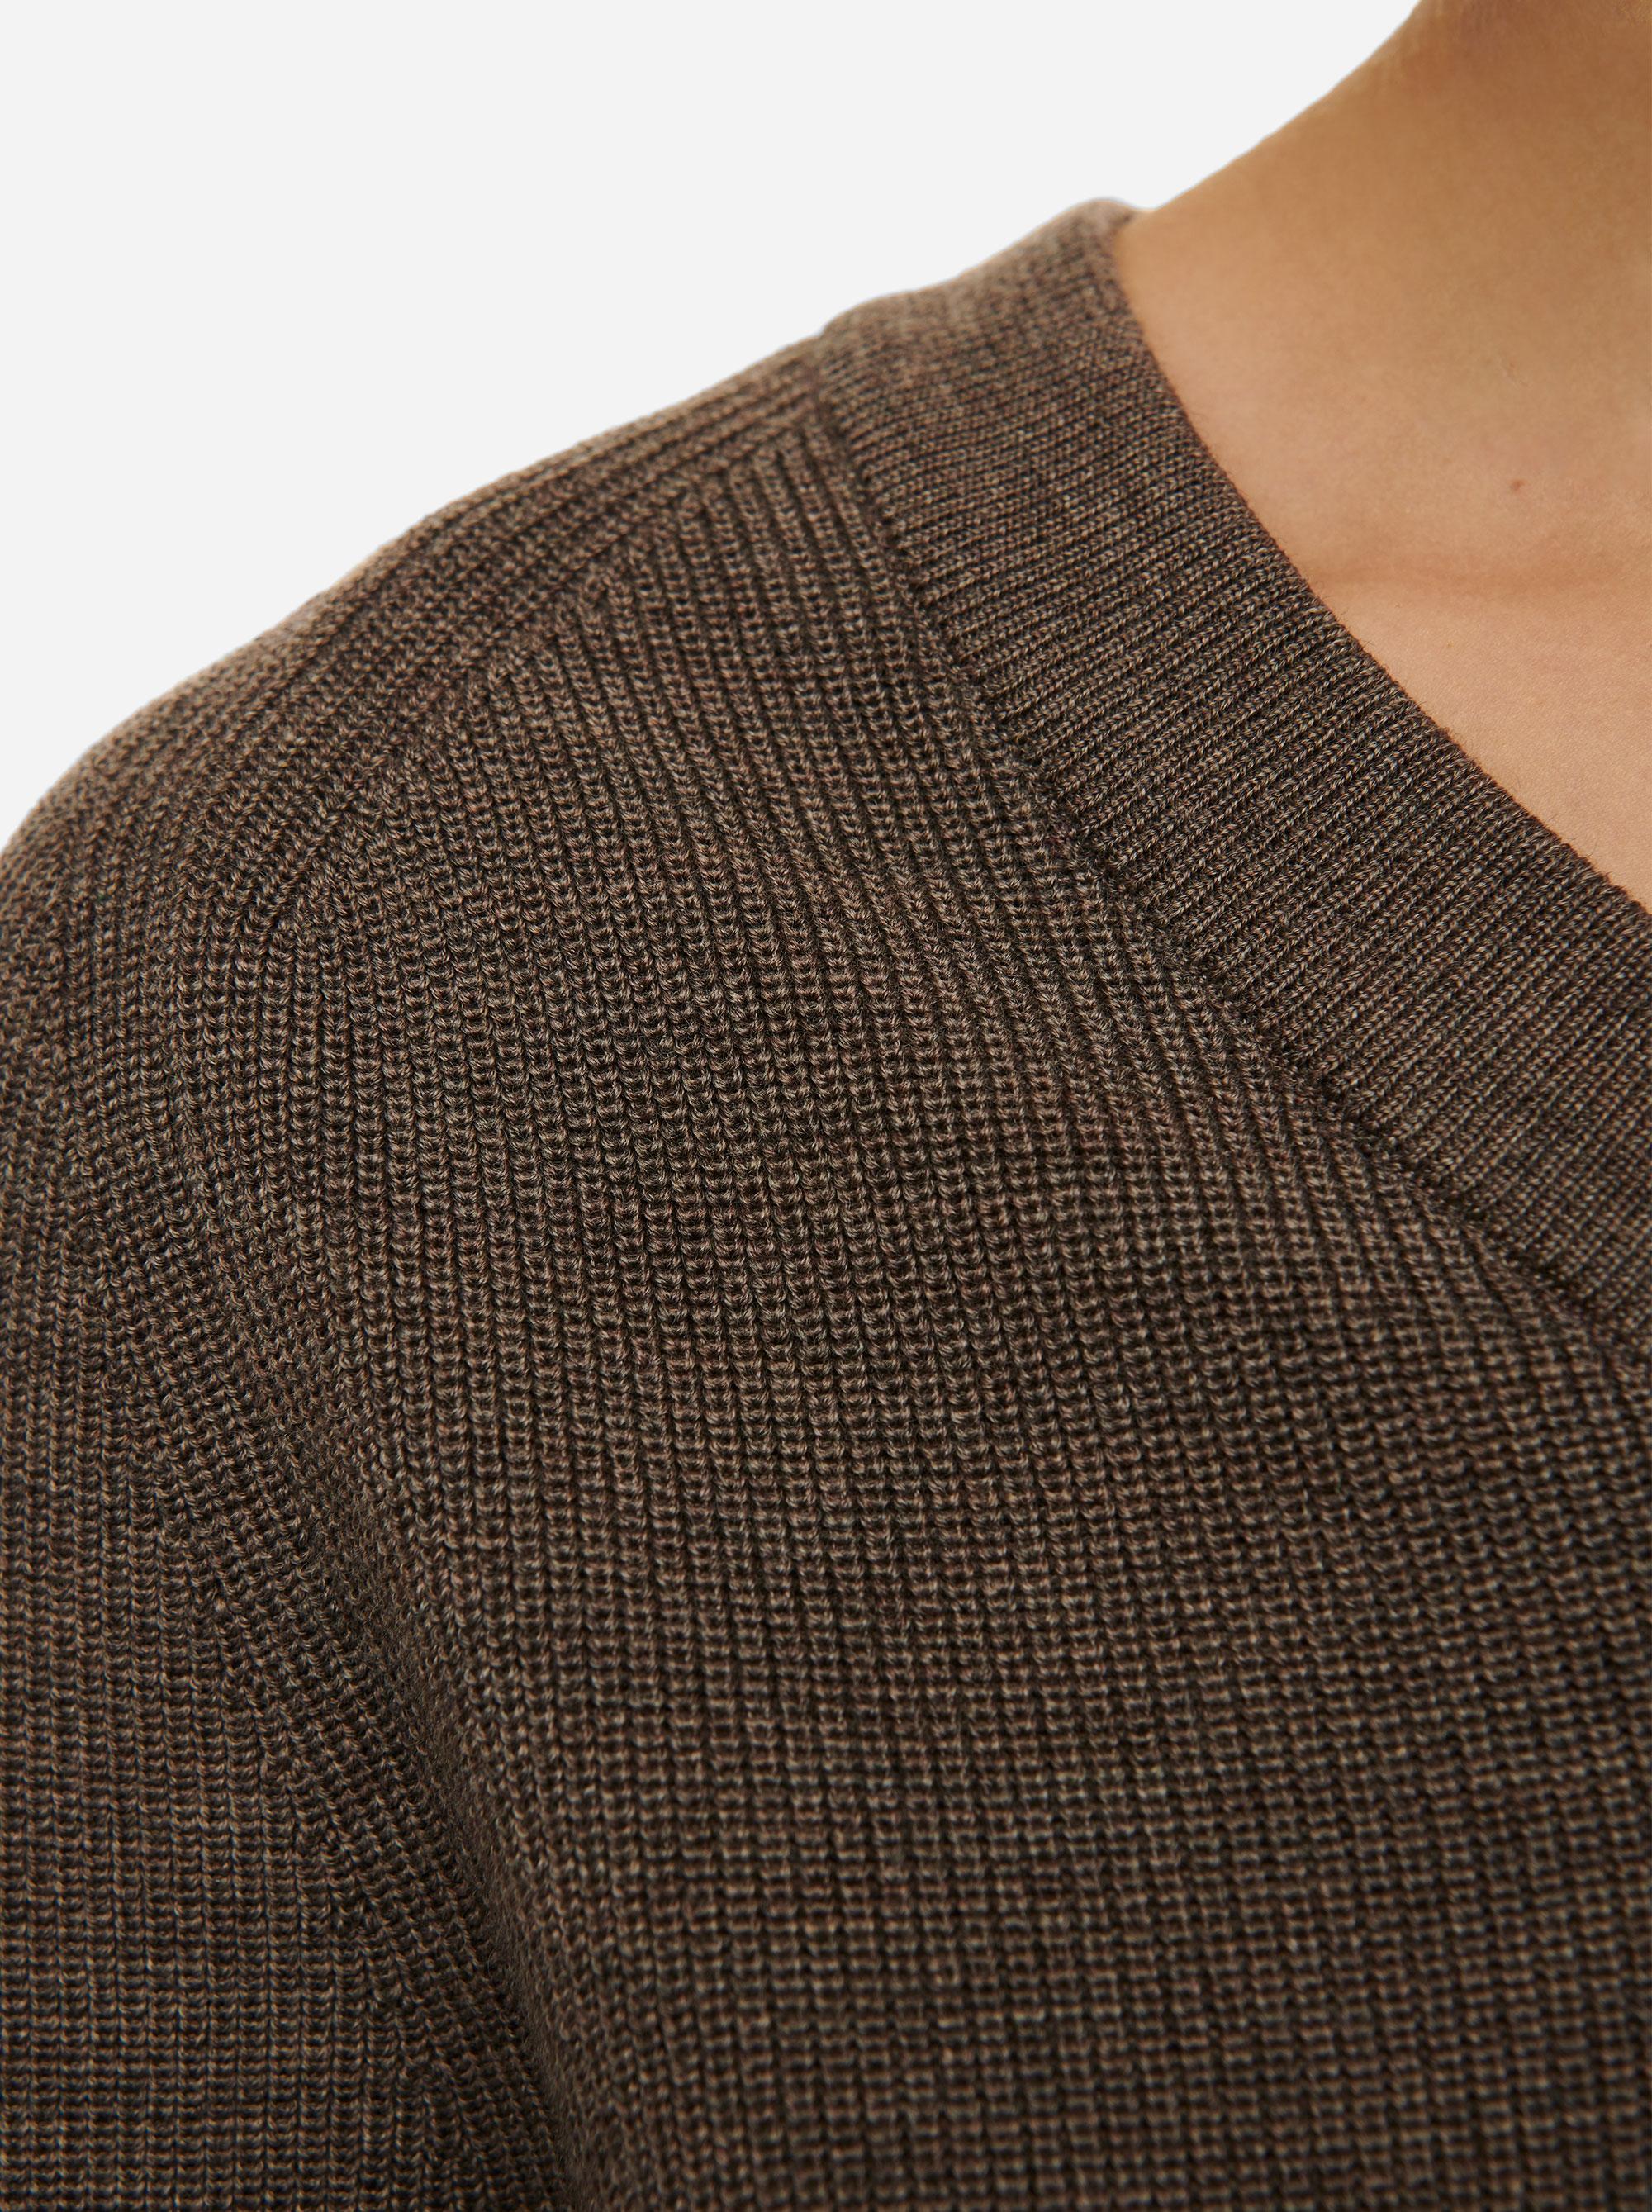 Teym - V-Neck - The Merino Sweater - Women - Grey - 2